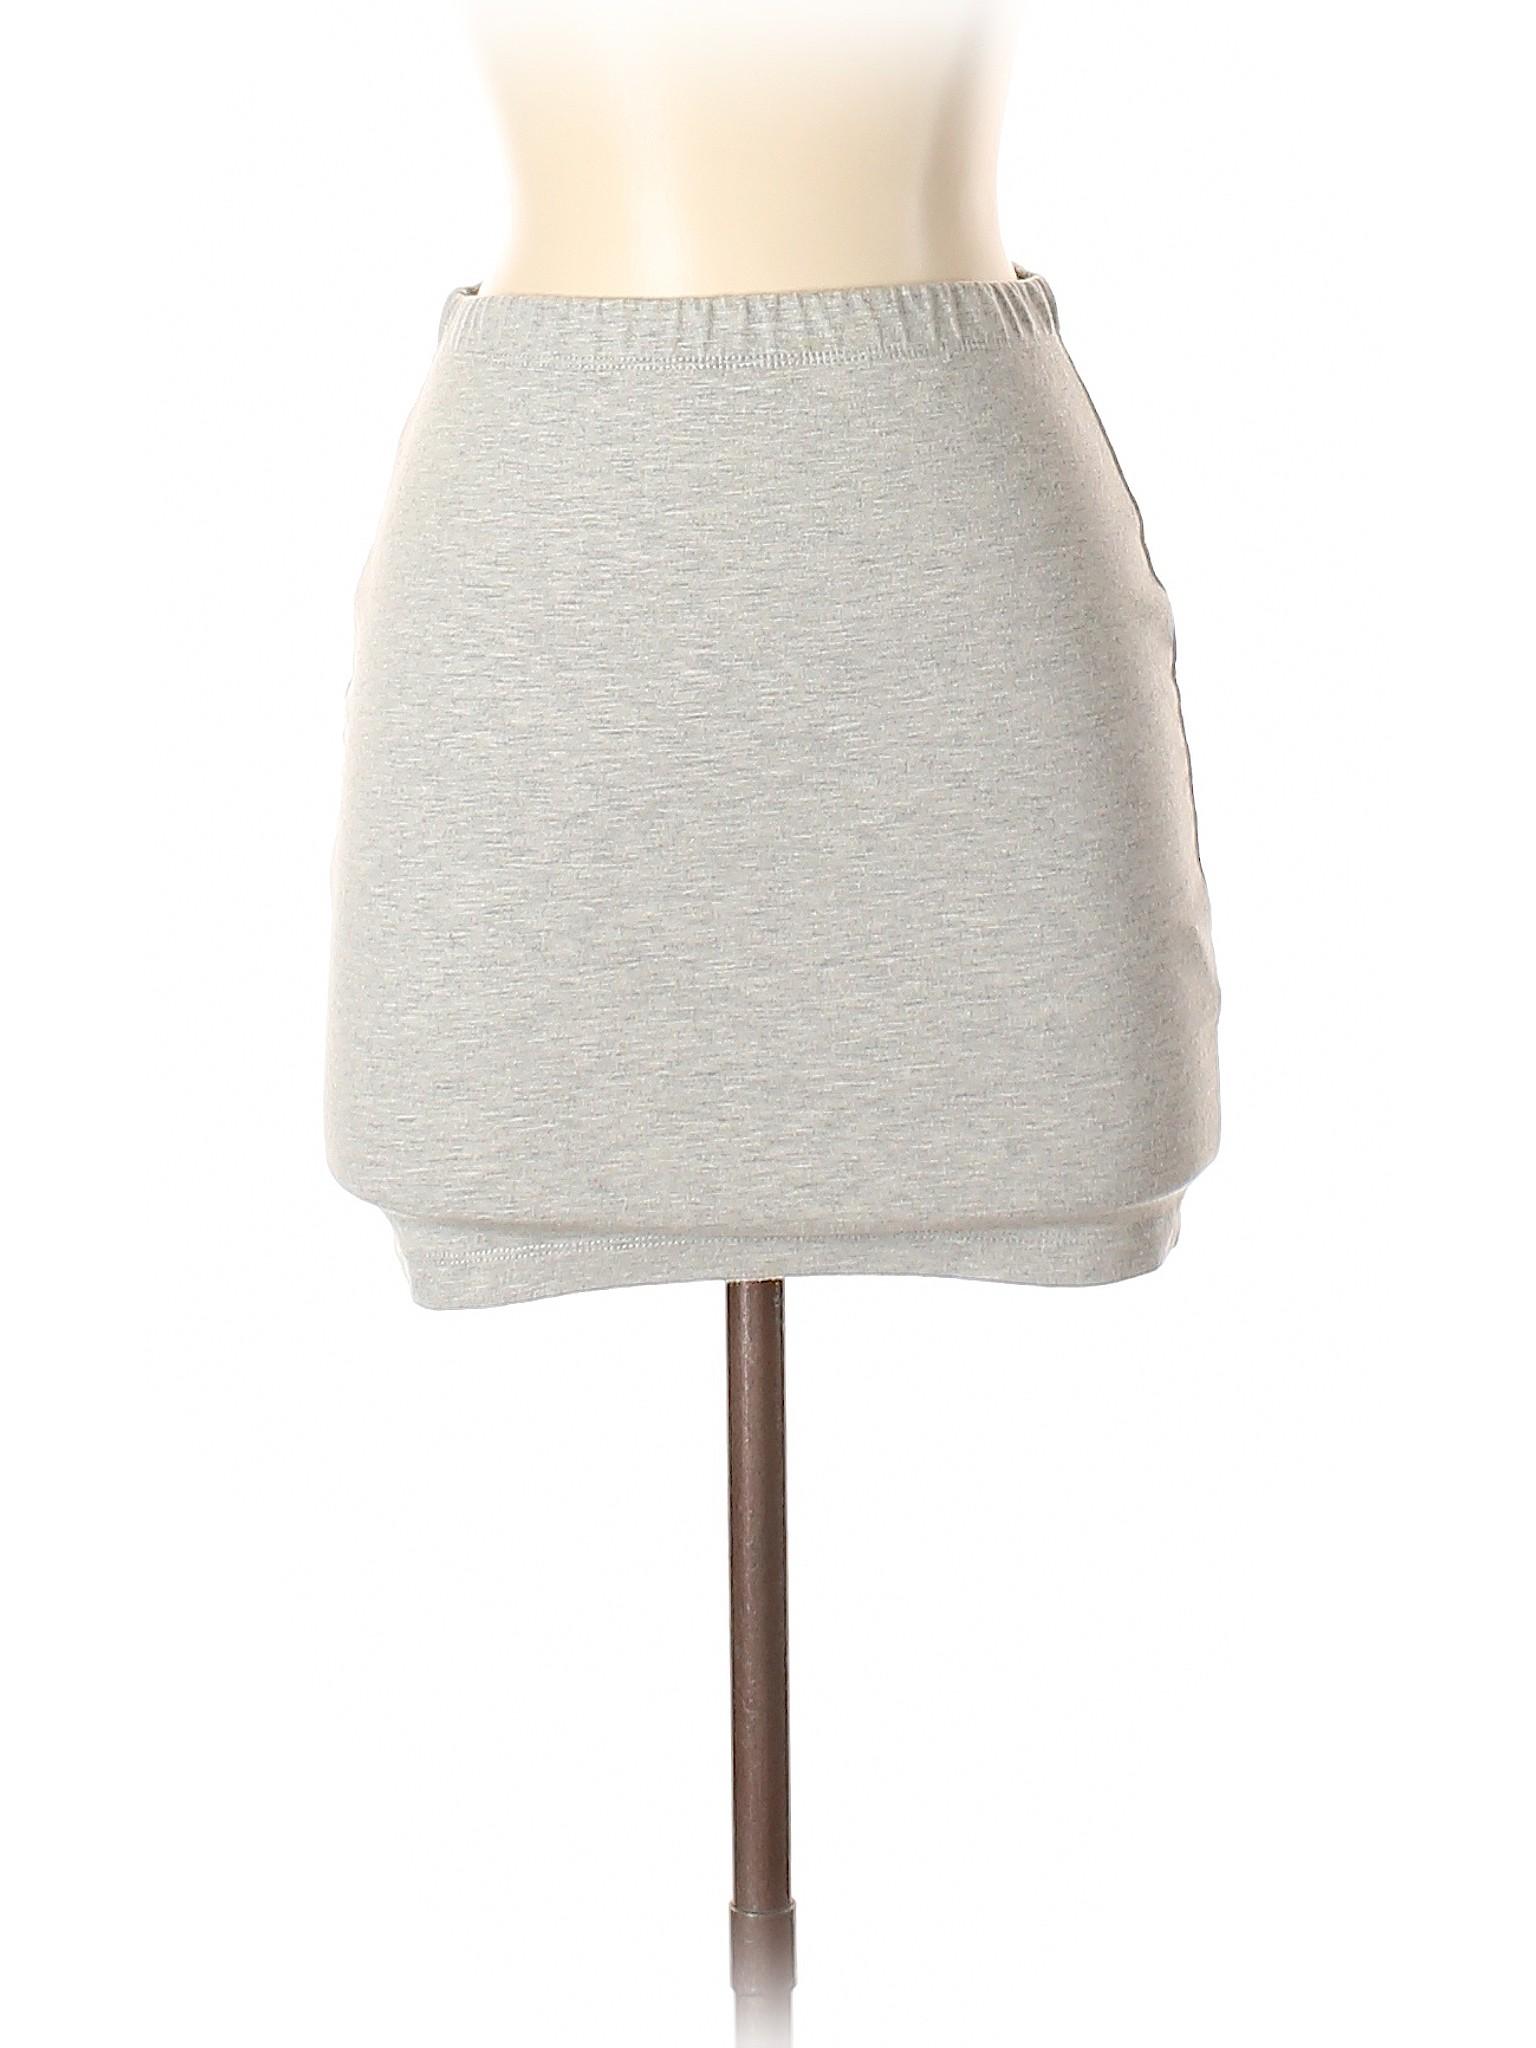 Skirt Boutique ASOS Boutique Boutique Casual ASOS Casual ASOS Skirt q488pI